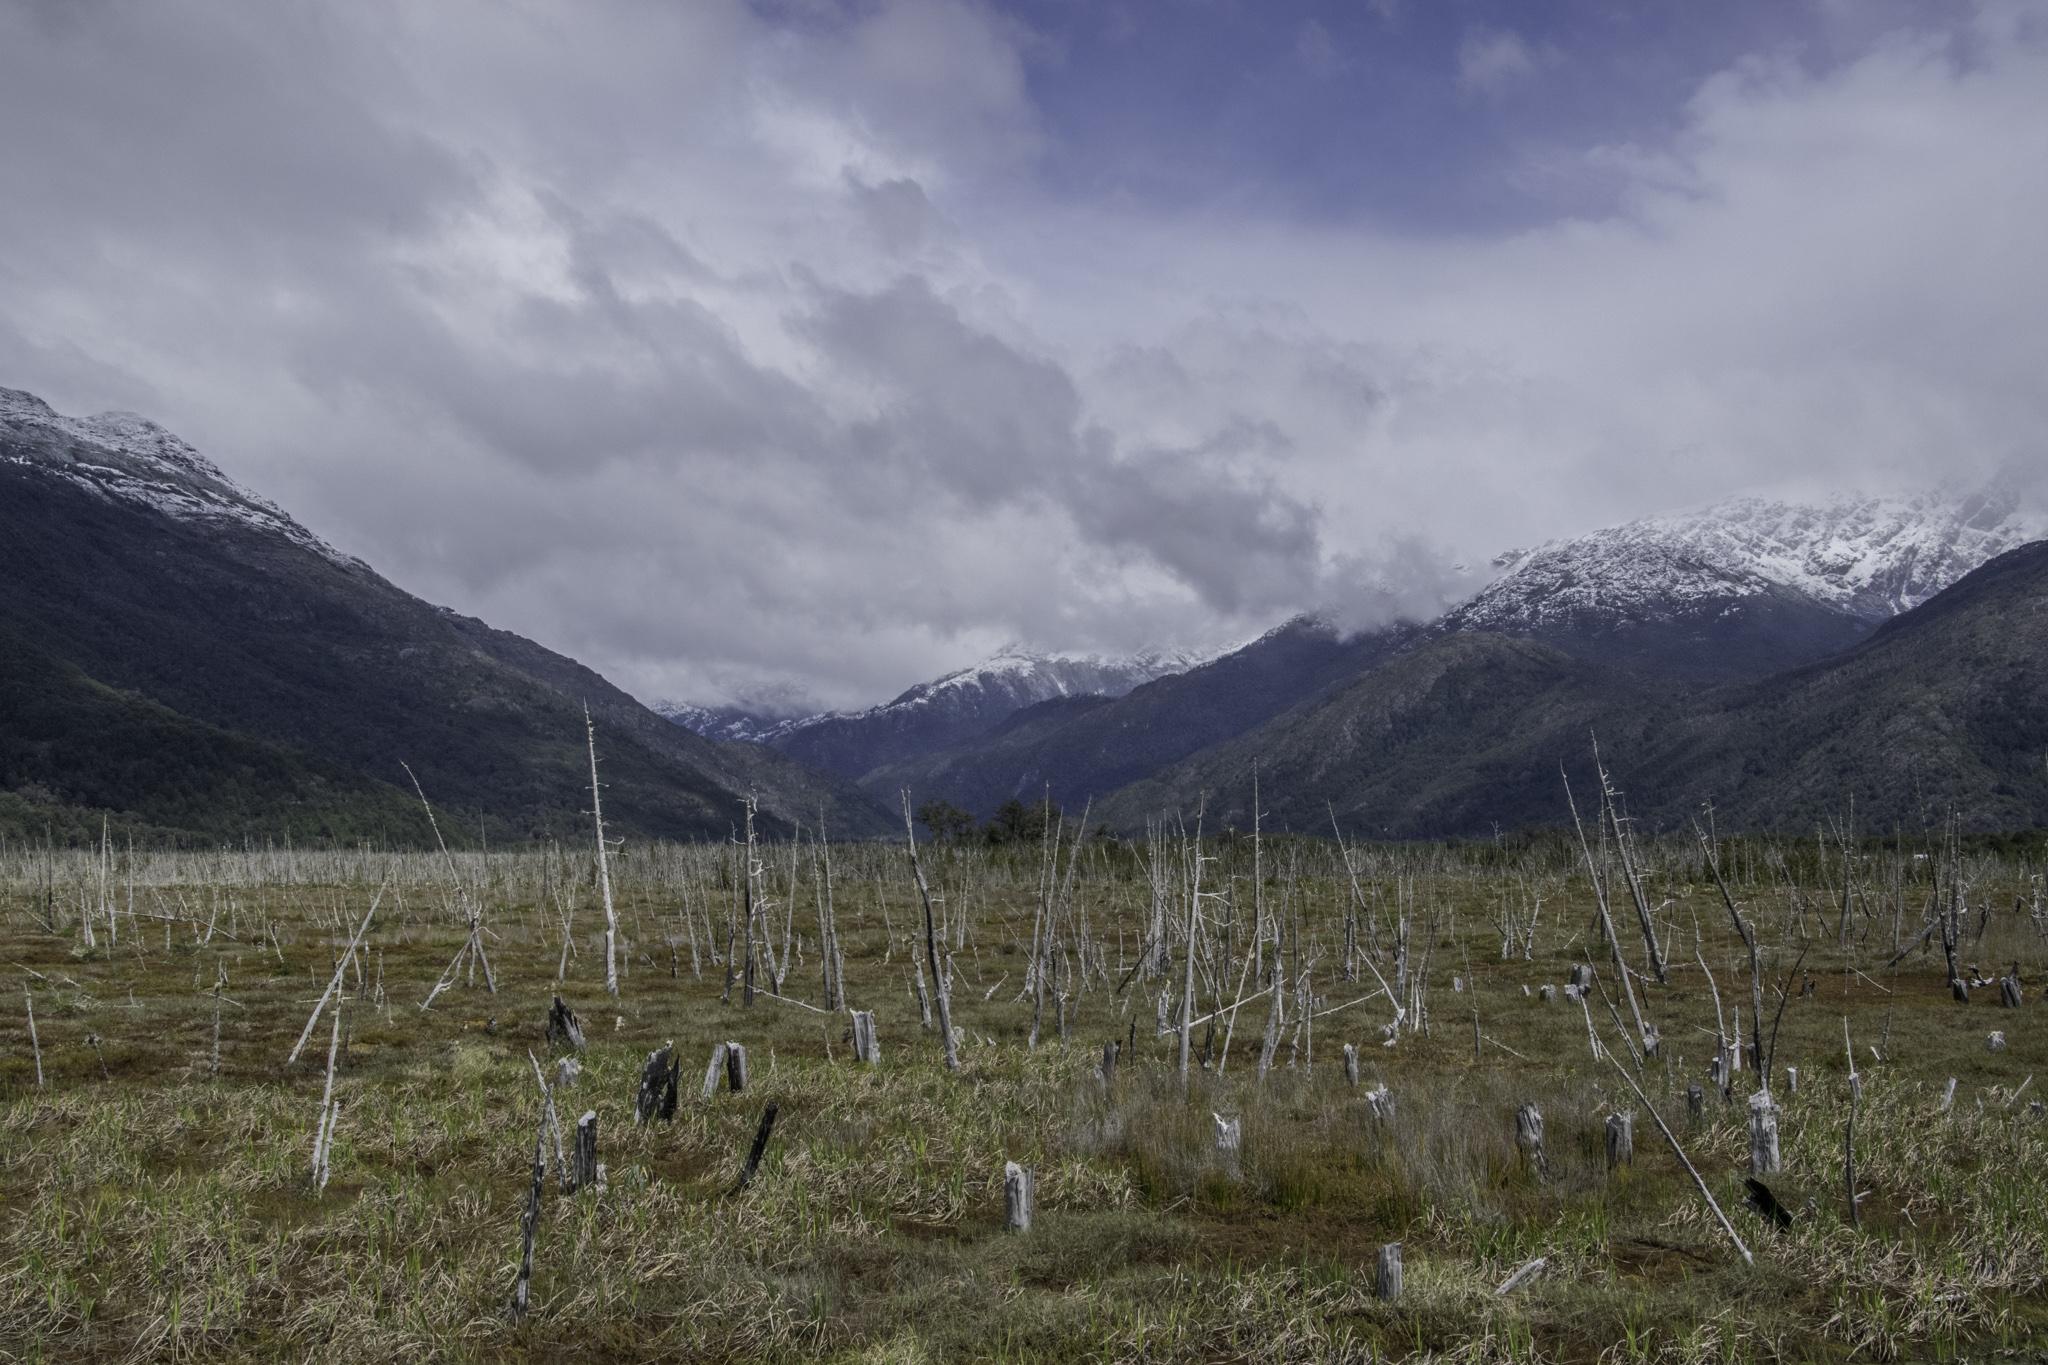 Baumfriedhof - ein trauriger Anblick (vor Jahrzehnten gewollt abgefackelt)